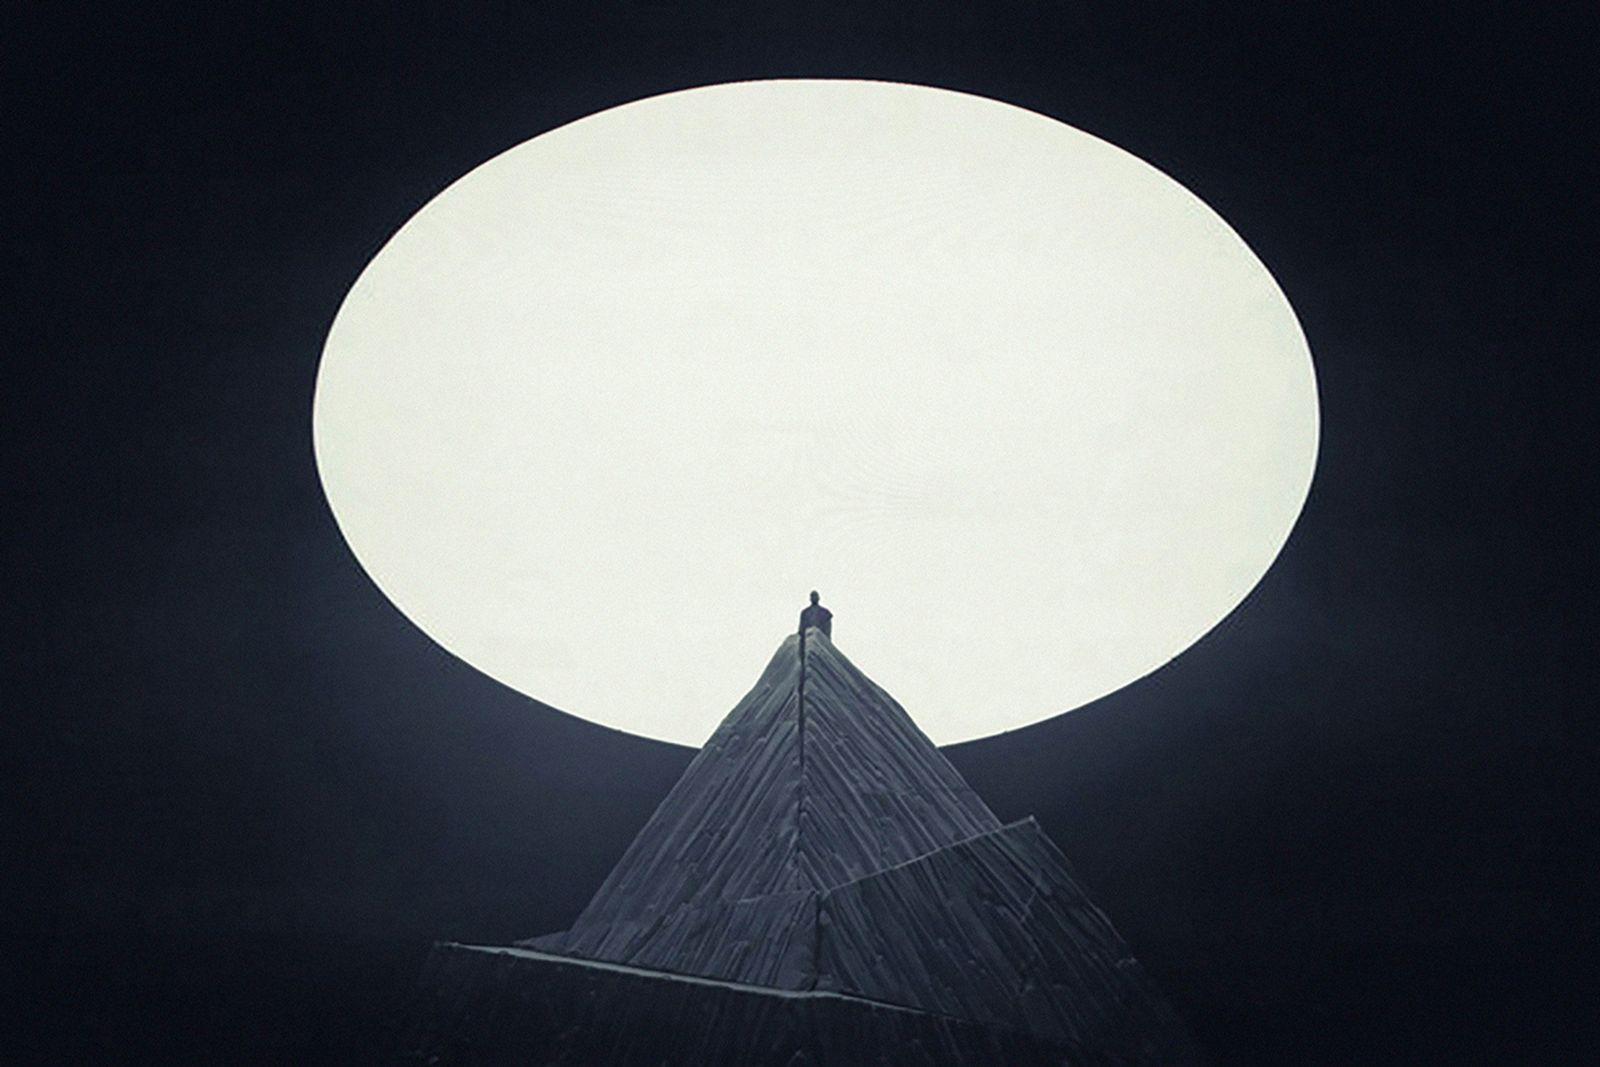 kanye west architecture David Adjaye david benjamin zaha hadid